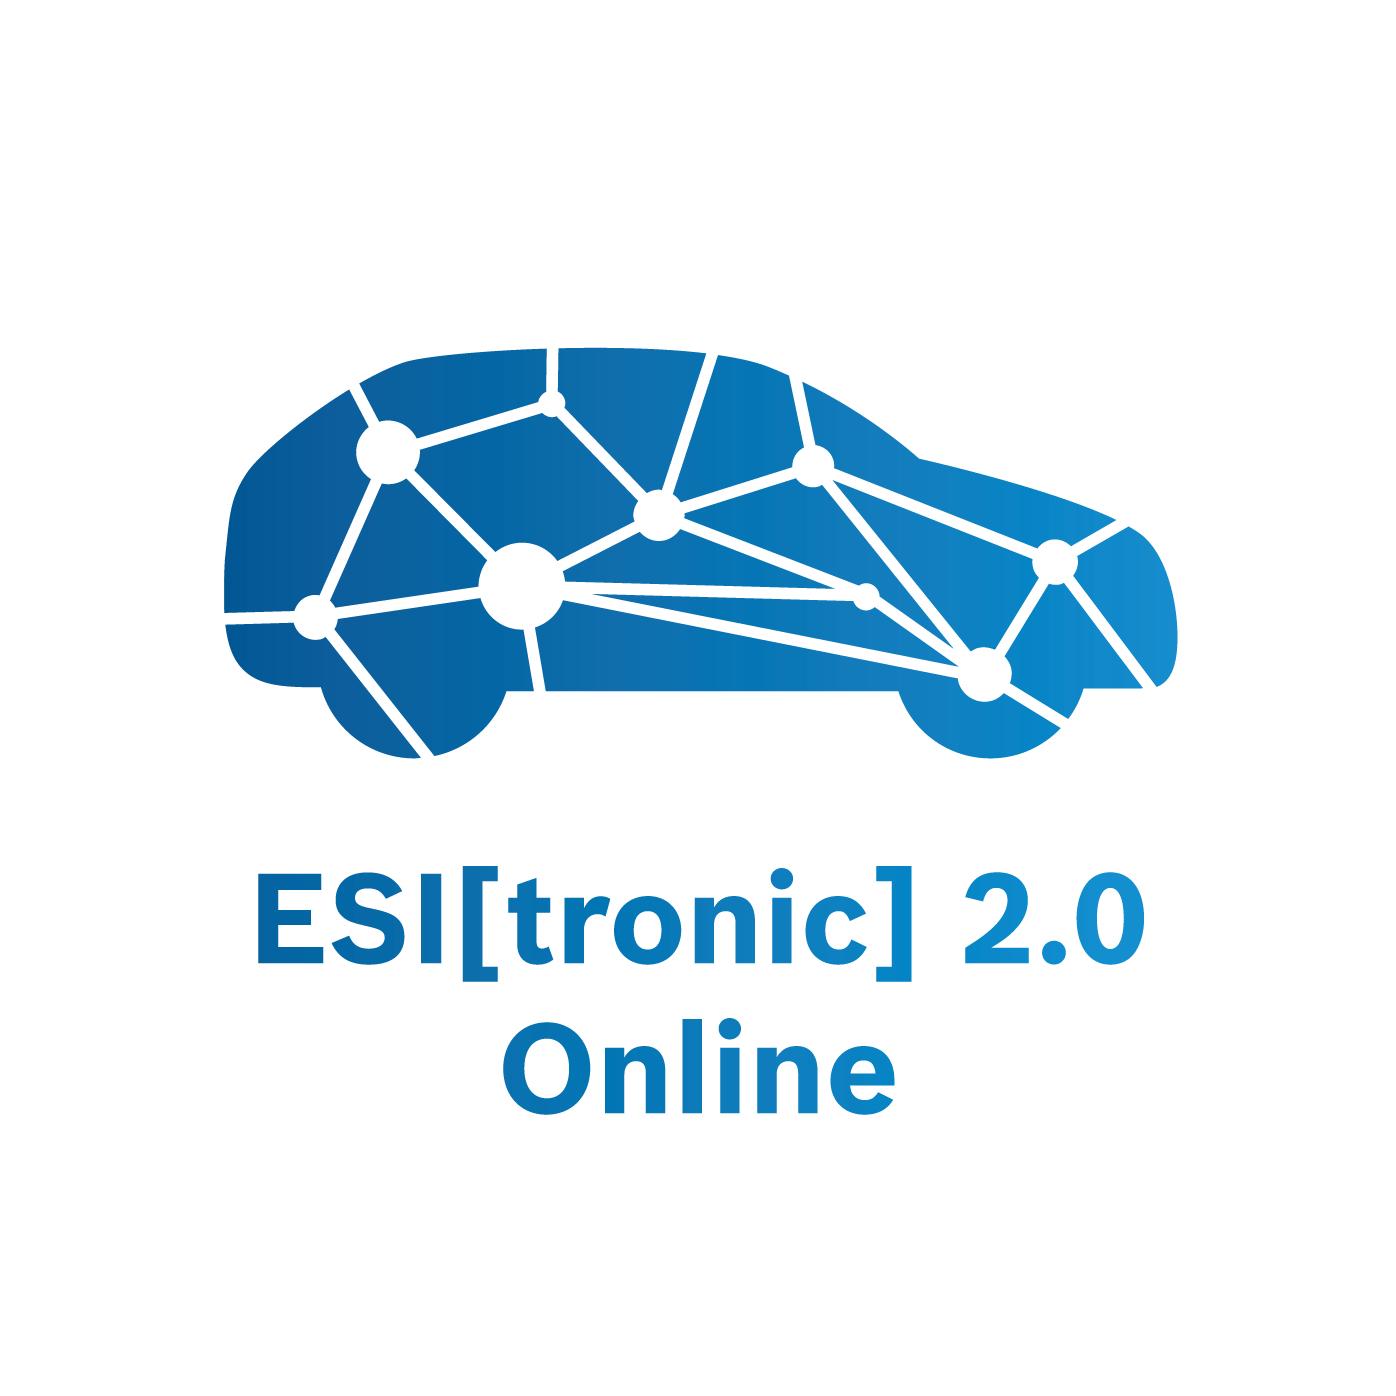 Il comprovato software per officine Bosch è stato ulteriormente migliorato: in pochi secondi, la nuova versione ESItronic 2.0 Online è in grado di fornire le informazioni richieste